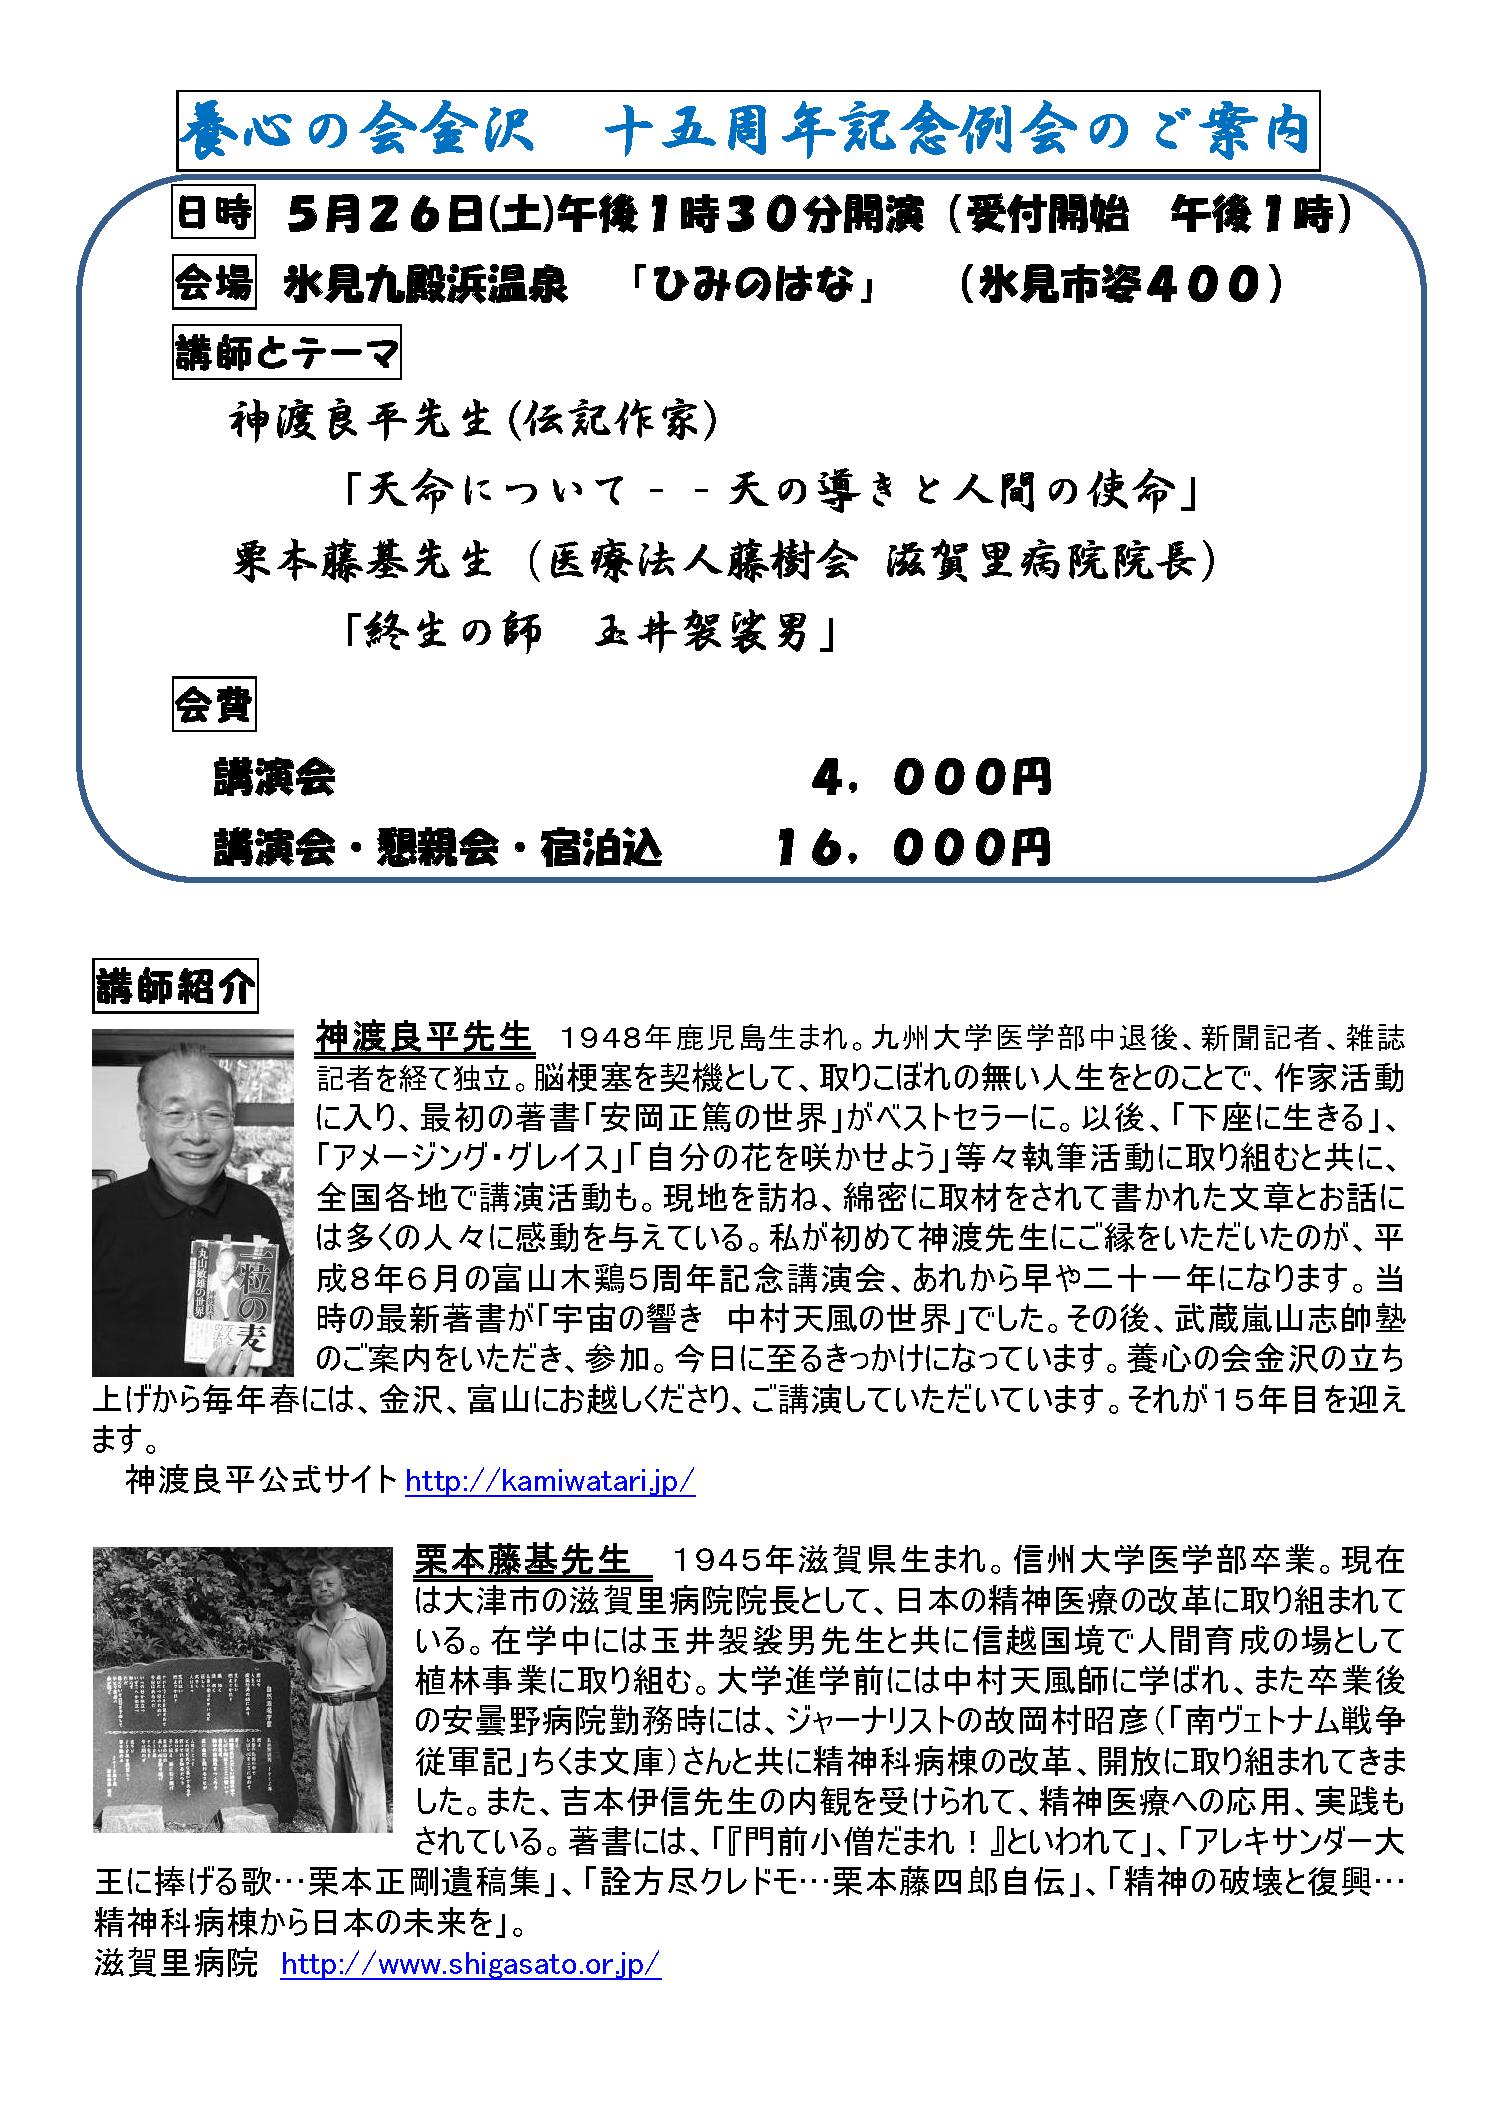 養心の会金沢十五周年記念例会のご案内チラシ_ページ_1